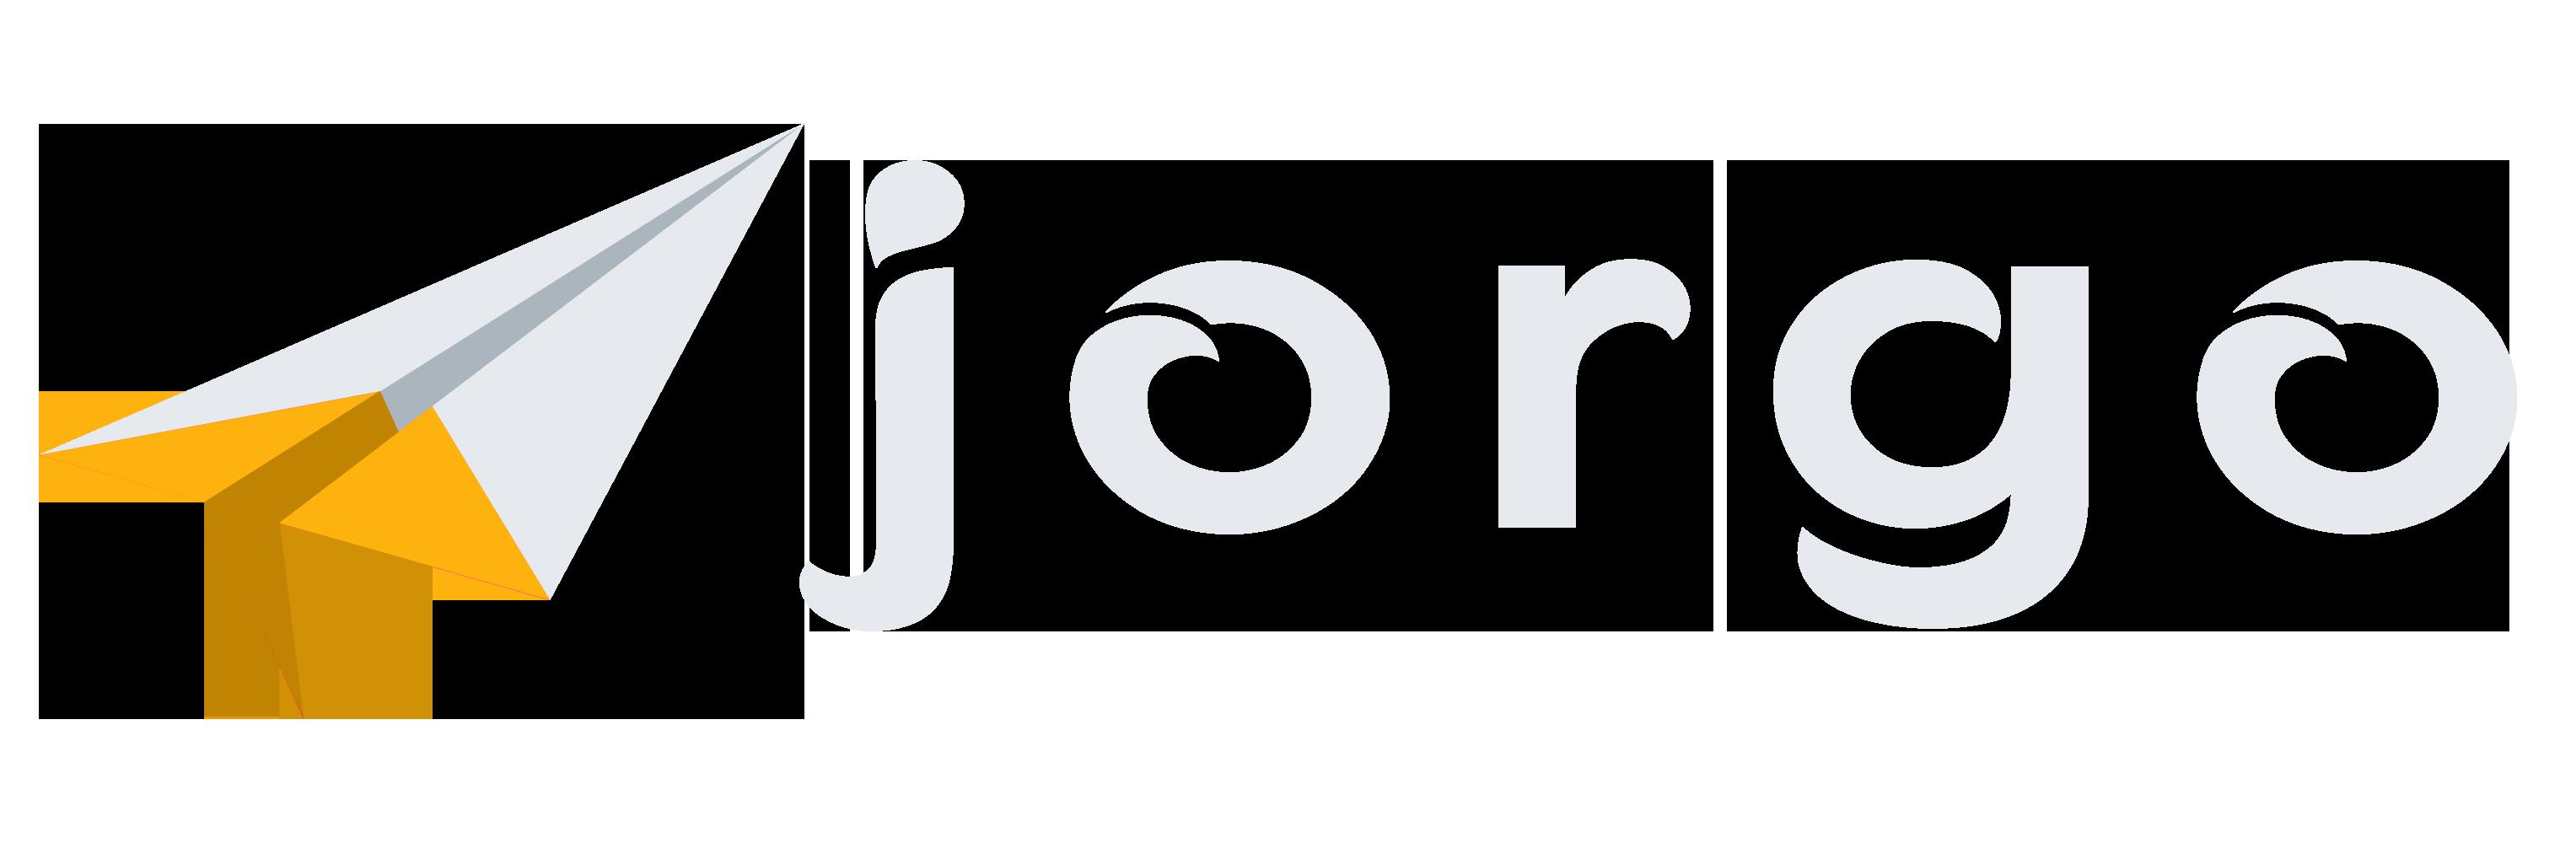 jorgo.ru — Поиск дешевых авиабилетов в Кыргызстан и на весь мир